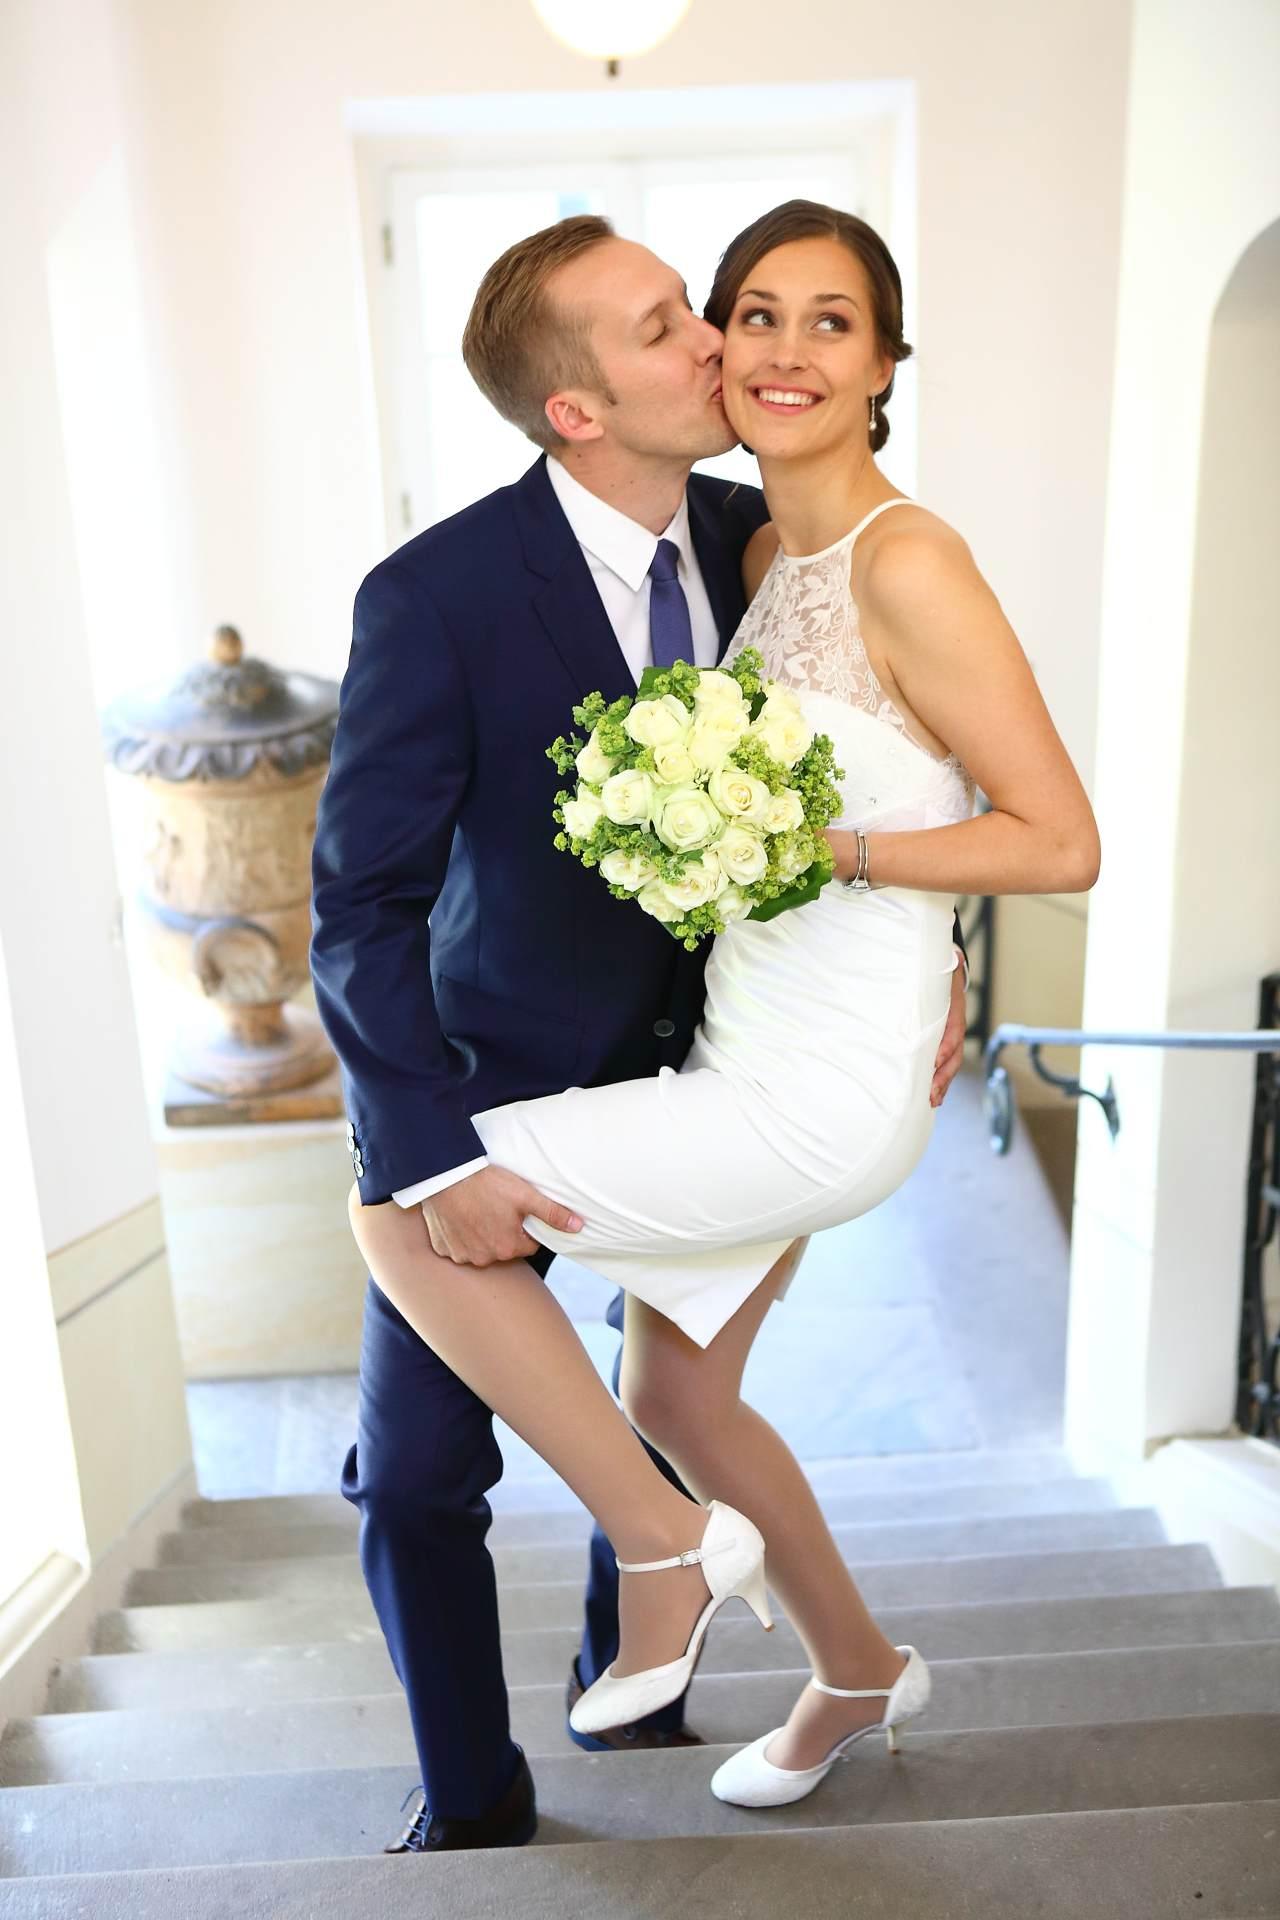 Hochzeitsfotos in Leipzig - Bräutigam küsst Braut auf Treppe